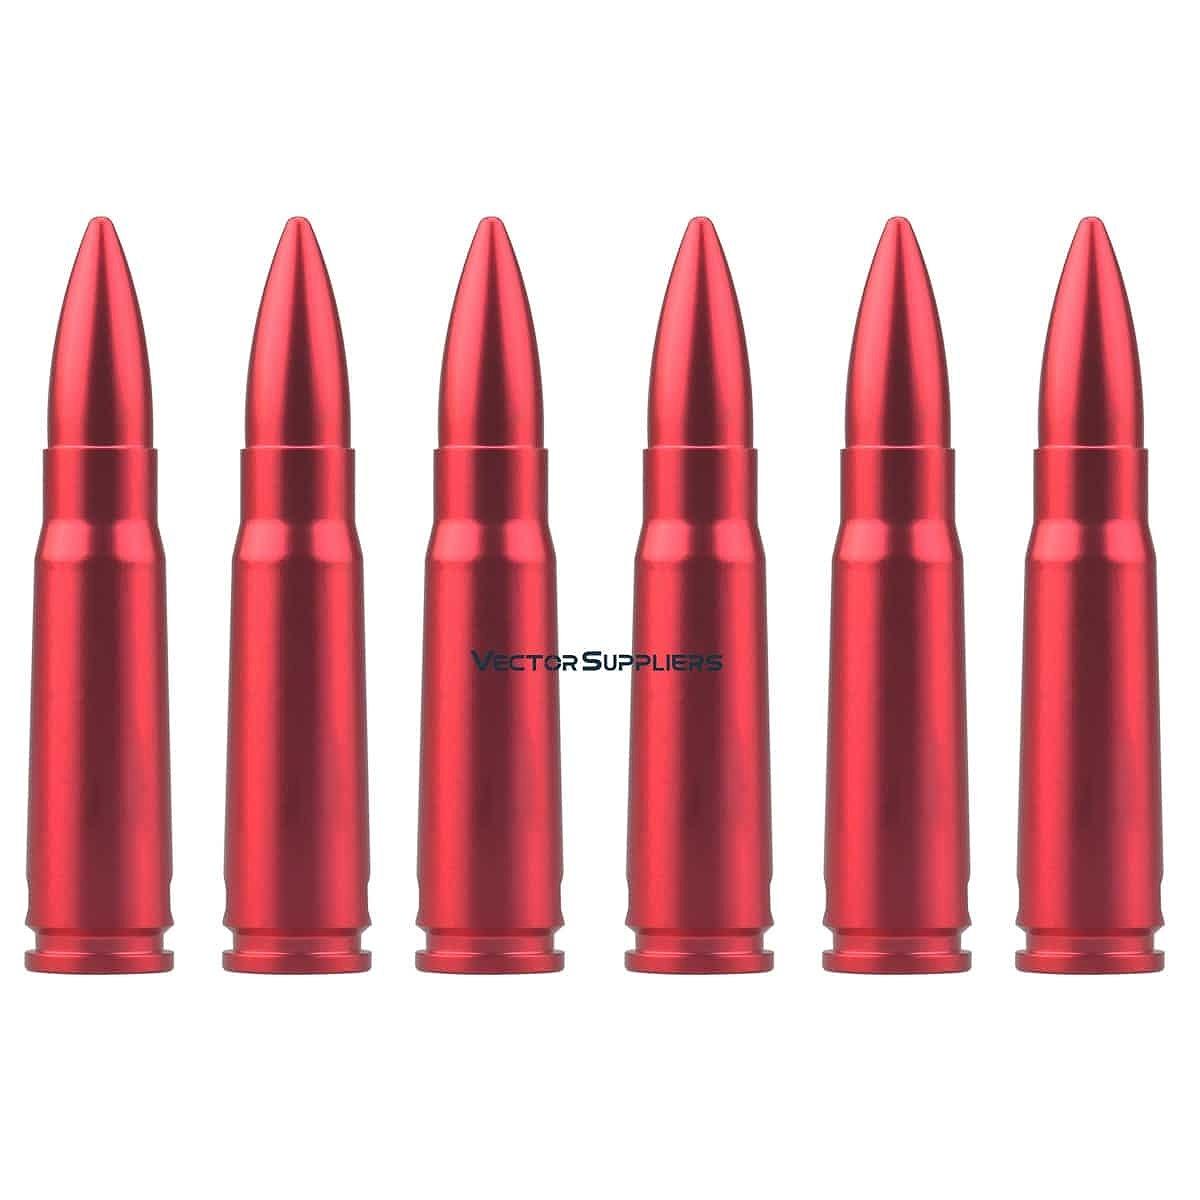 【お届け予定日: 6月30日】ベクターオプティクス  7.62x39mm  Vector Optics SCSC-02